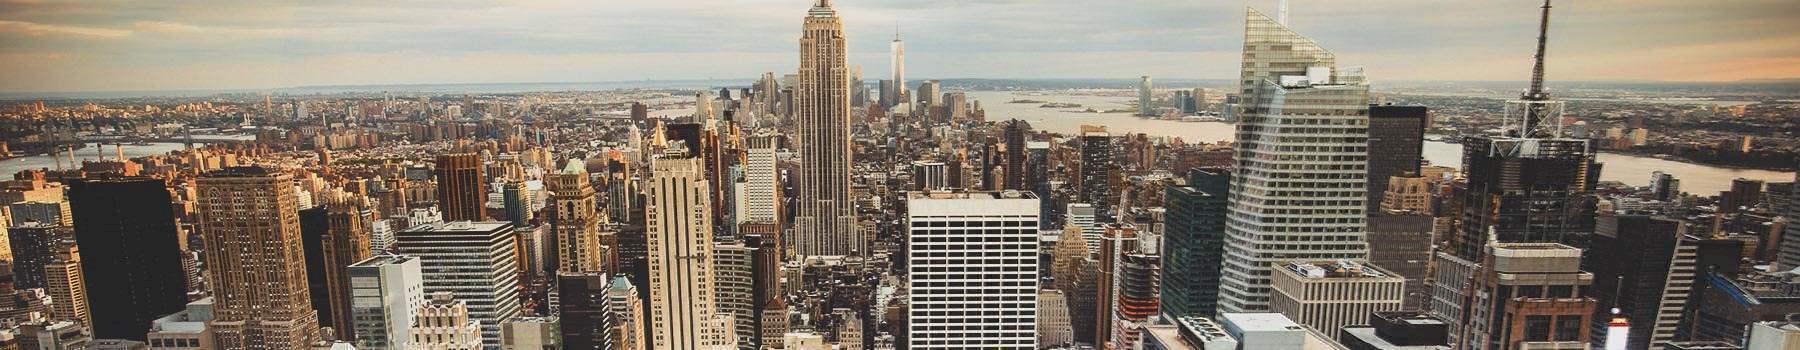 Explore New York